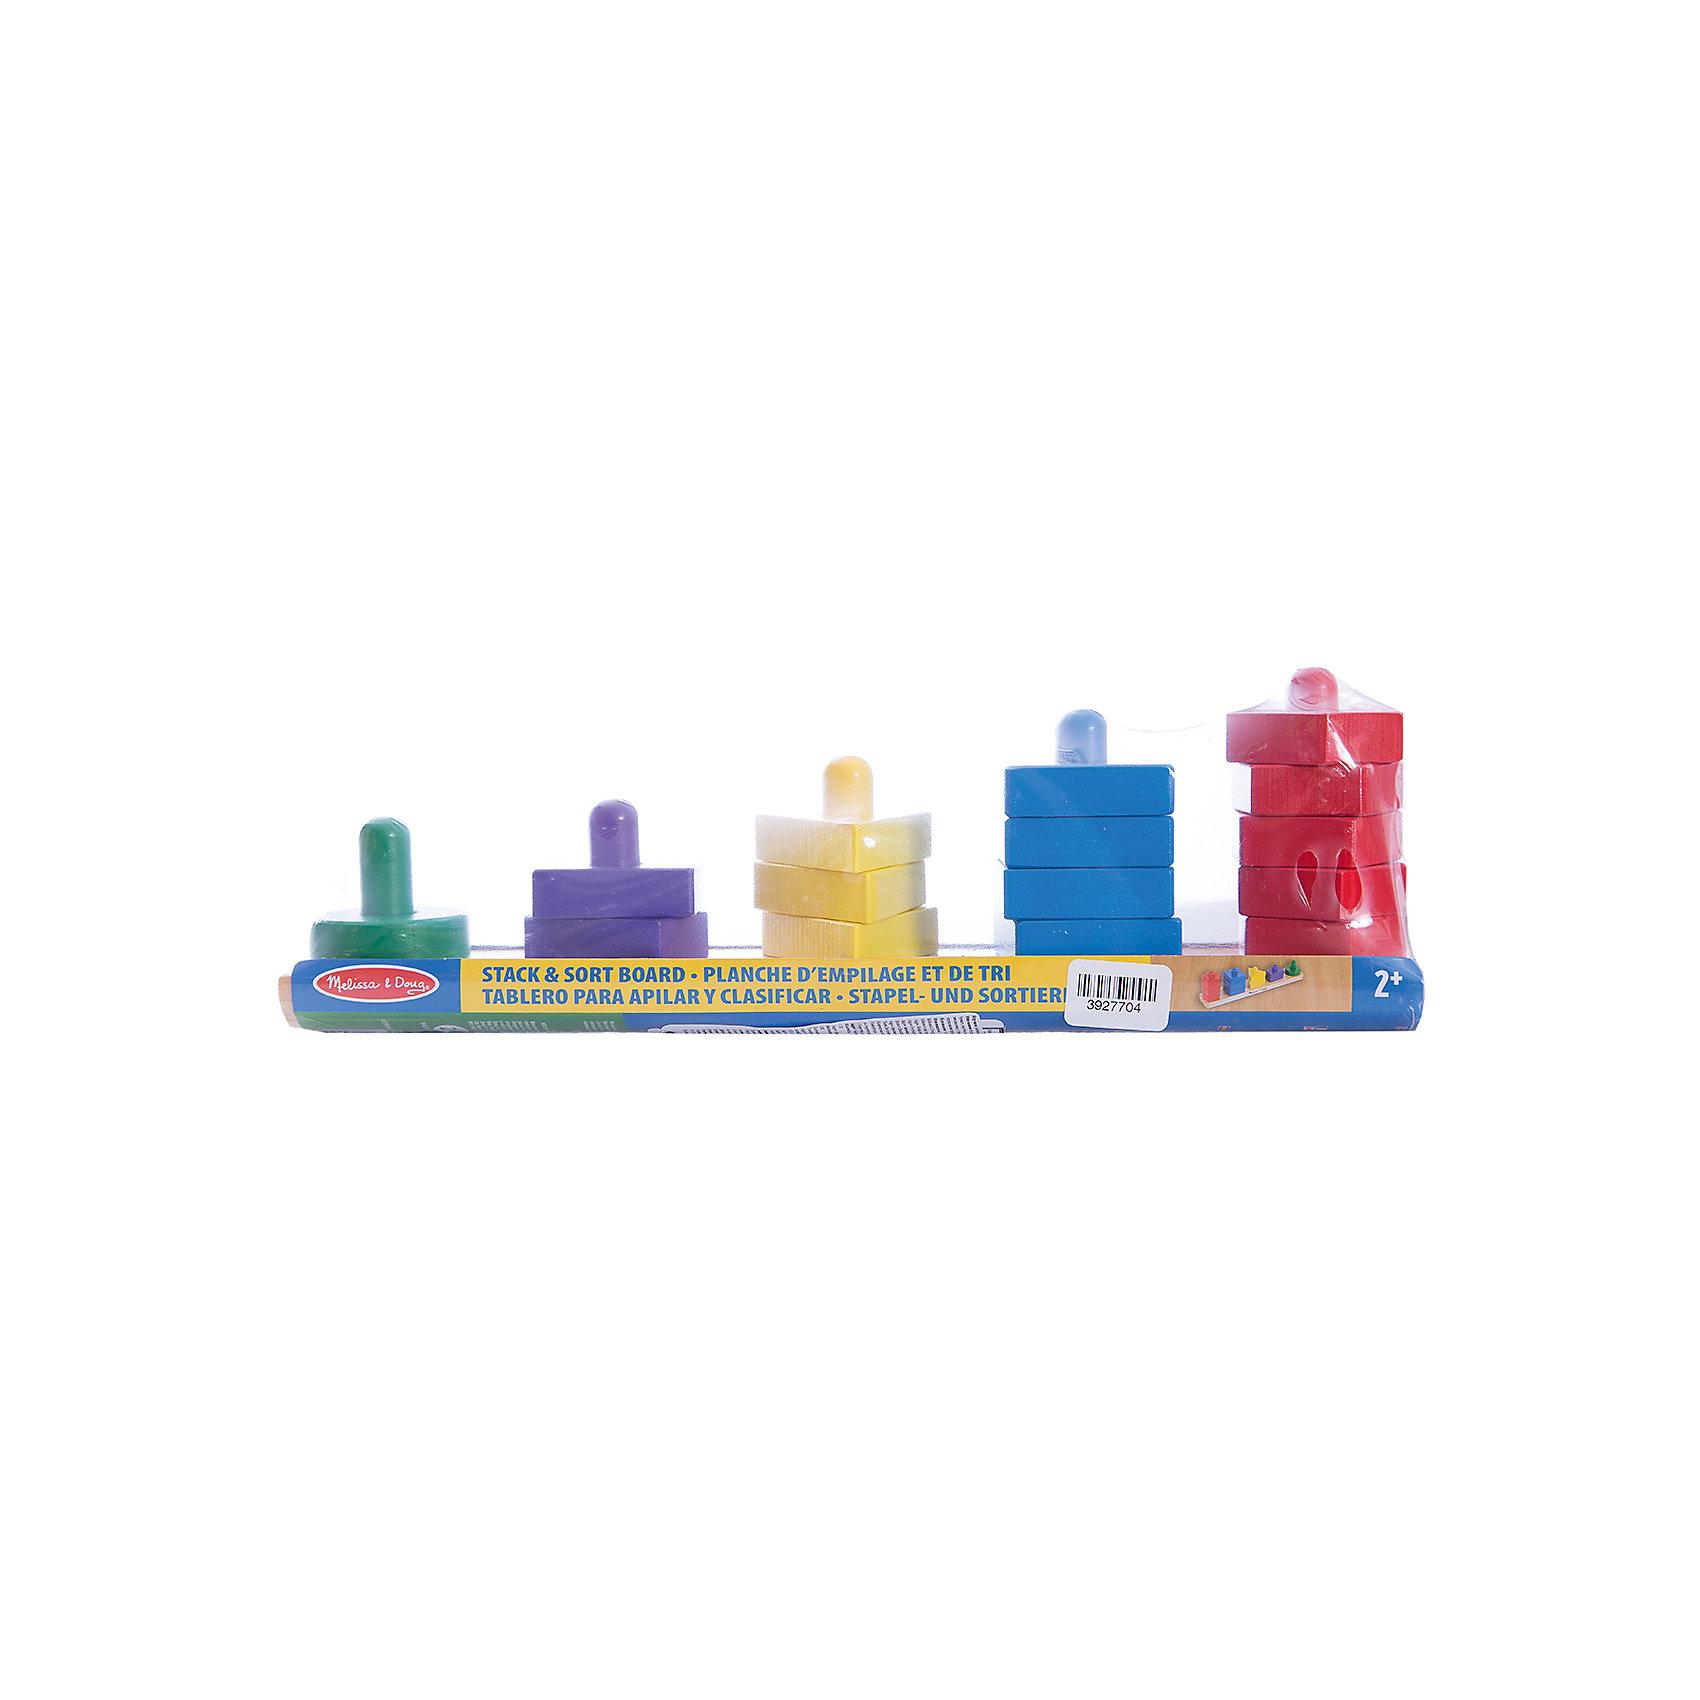 Пирамидки на доске, Melissa &amp; DougПирамидки<br>Прекрасная развивающая игра - деревянные пирамидки на доске от известного бренда Melissa &amp; Doug для ребенка. Легко и ненавязчиво знакомит малыша с базовыми цветами и геометрическими формами, а также учит считать в пределах 5. Обладает следующими особенностями:<br>- экологически чистые материалы, приятные на ощупь, безопасные красители;<br>- яркие цвета;<br>- доска с 5 штырьками, 15 небольших элементов.<br>Простая и эффективная развивающая игра для малышей.<br><br>Дополнительная информация:<br>- вес: 498 гр;<br>- габариты: 110х330х60 мм;<br>- рекомендуемый возраст: от 6 месяцев с участием взрослых.<br><br>Пирамидки на доске Melissa &amp; Doug можно купить в нашем магазине<br><br>Ширина мм: 110<br>Глубина мм: 330<br>Высота мм: 60<br>Вес г: 498<br>Возраст от месяцев: 24<br>Возраст до месяцев: 60<br>Пол: Унисекс<br>Возраст: Детский<br>SKU: 3927704